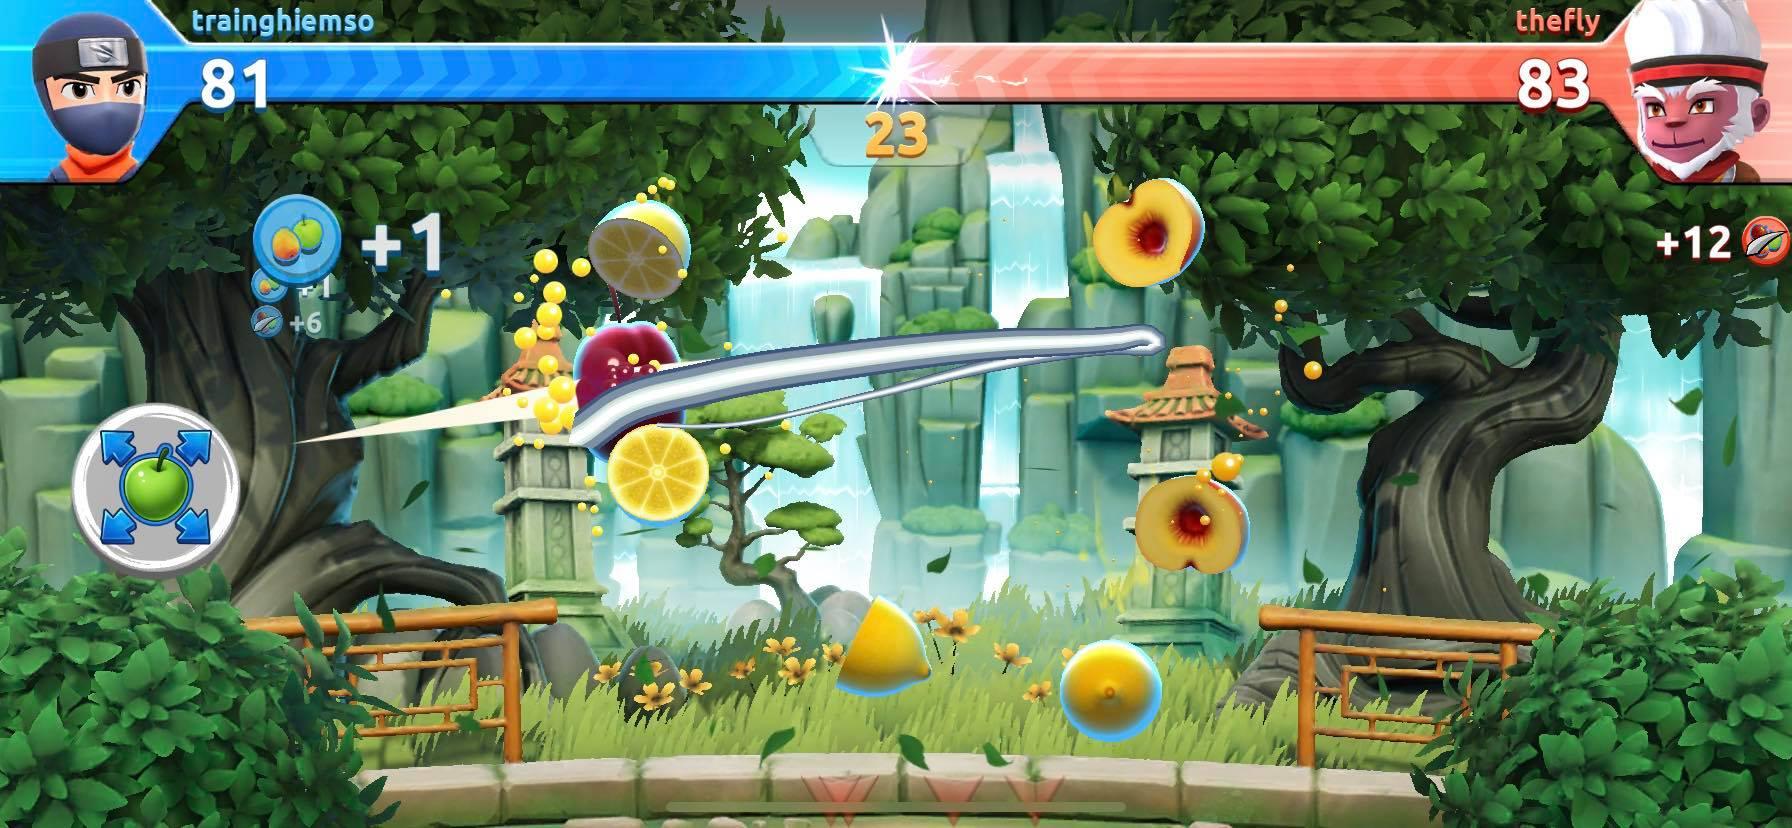 Thi đấu với gamer khác trong Fruit Ninja 2